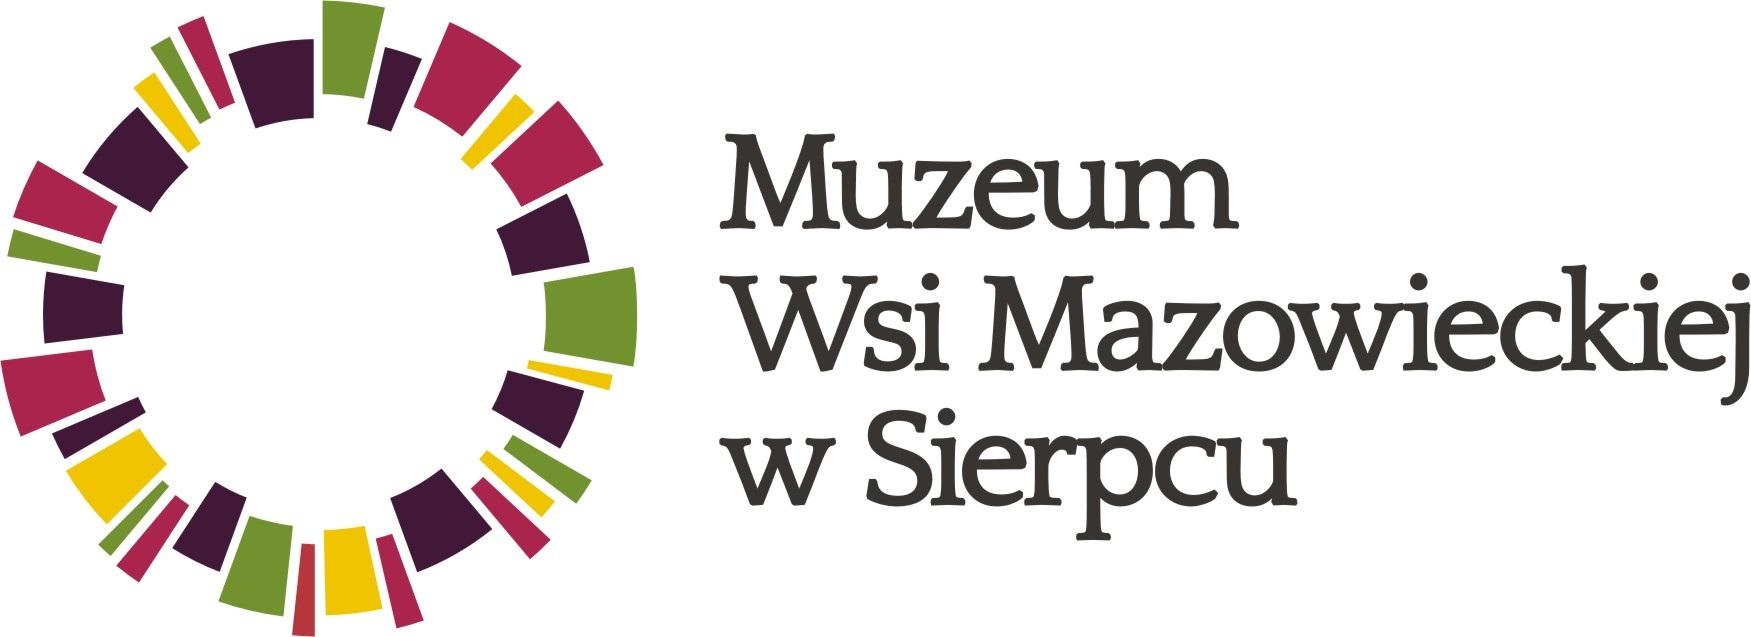 logo_konkurs-w-skansenie